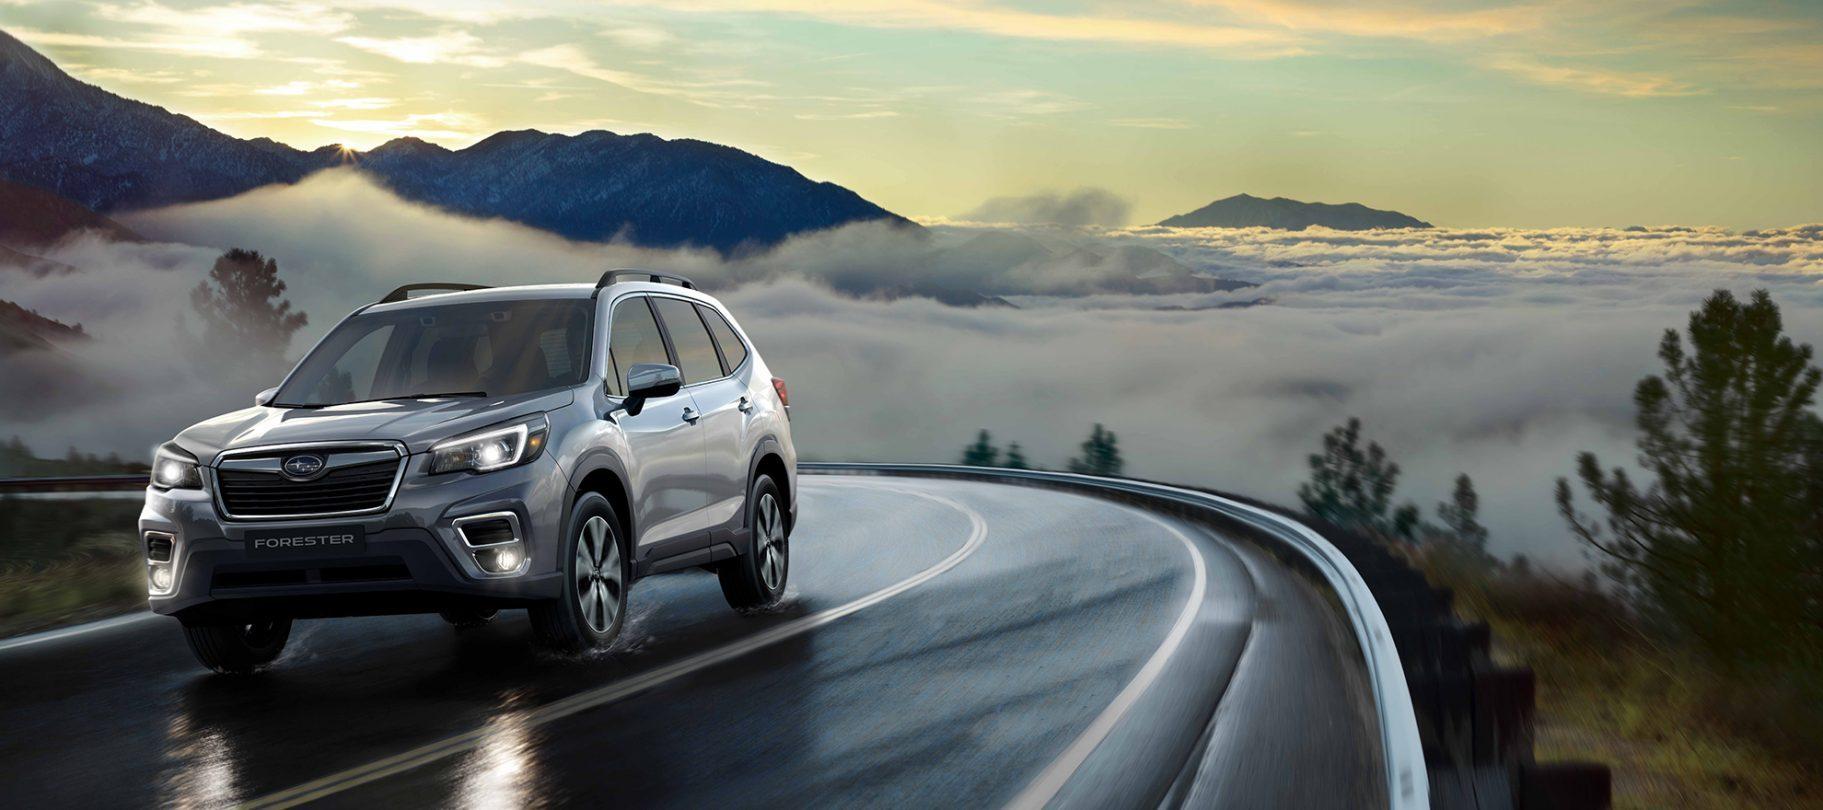 新型スバル・フォレスター公開目前!熟成が進んだ現行モデルの4WD走行性能・燃費をCX-5・エクストレイルなどと徹底比較!